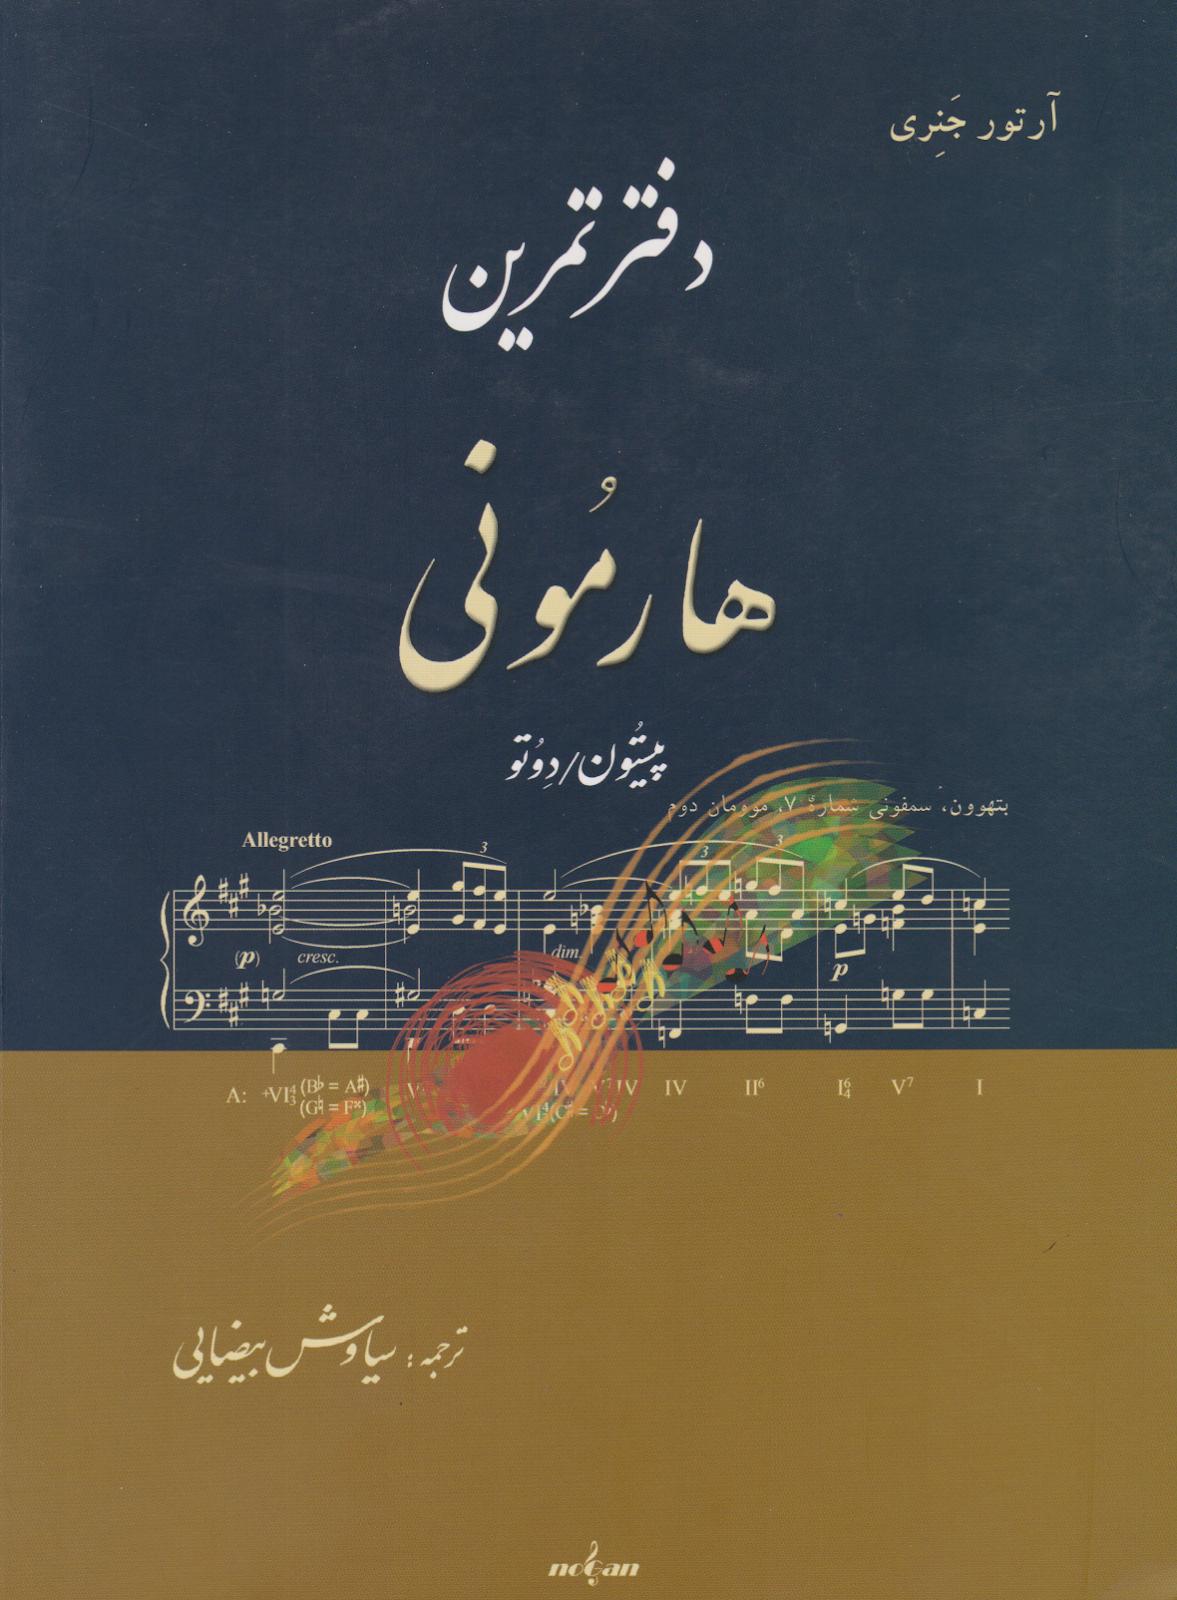 کتاب دفتر تمرین هارمونی سیاوش بیضایی انتشارات نوگان